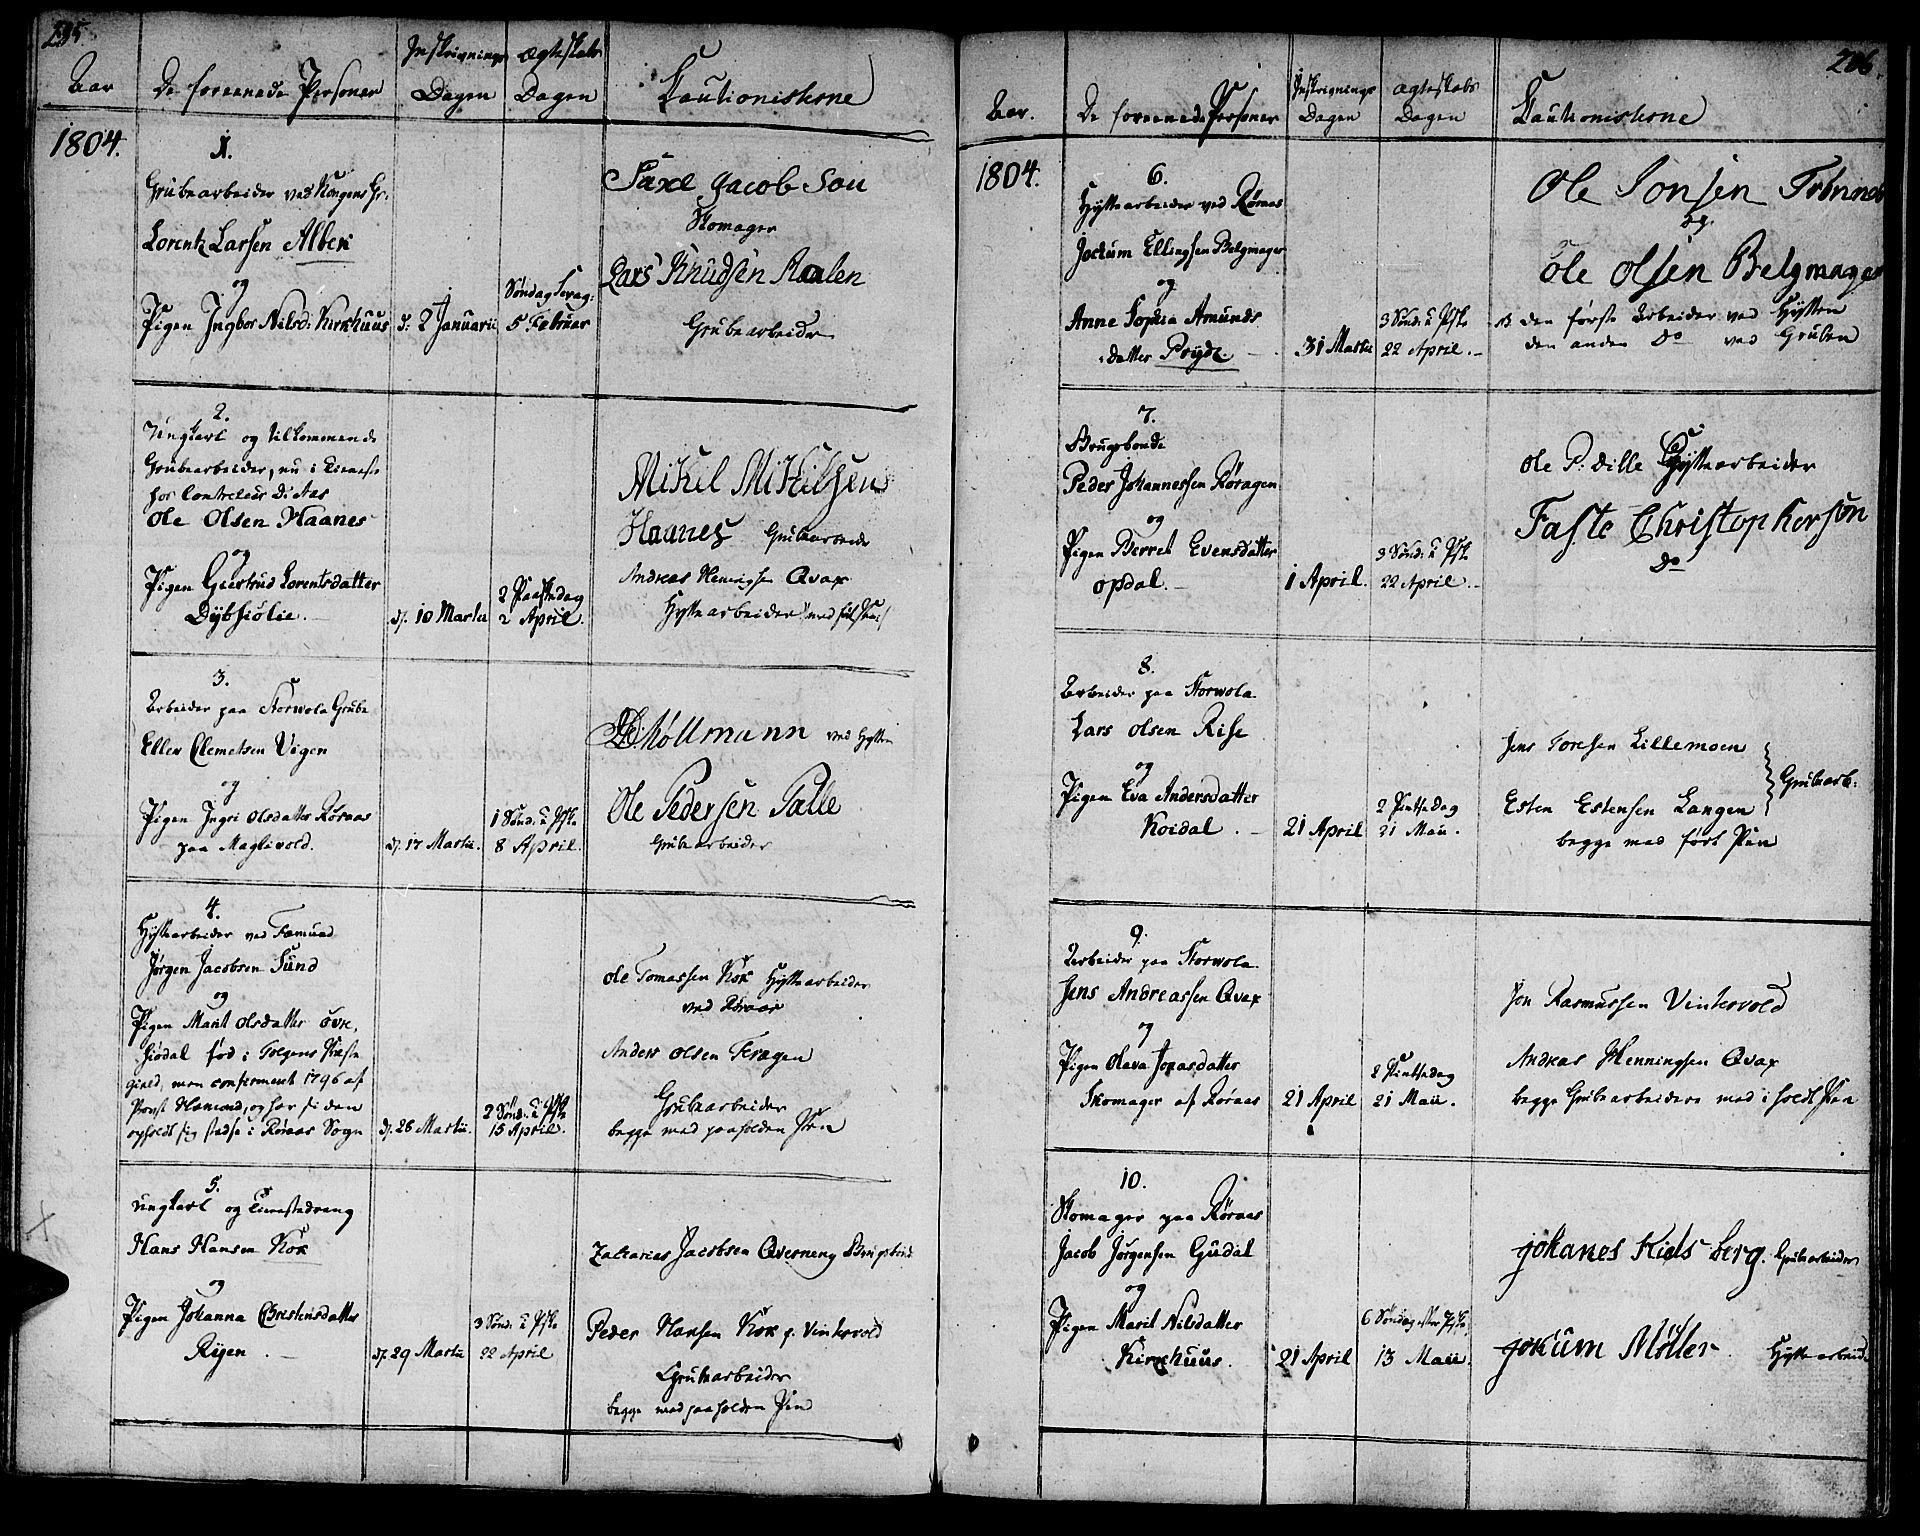 SAT, Ministerialprotokoller, klokkerbøker og fødselsregistre - Sør-Trøndelag, 681/L0927: Ministerialbok nr. 681A05, 1798-1808, s. 285-286